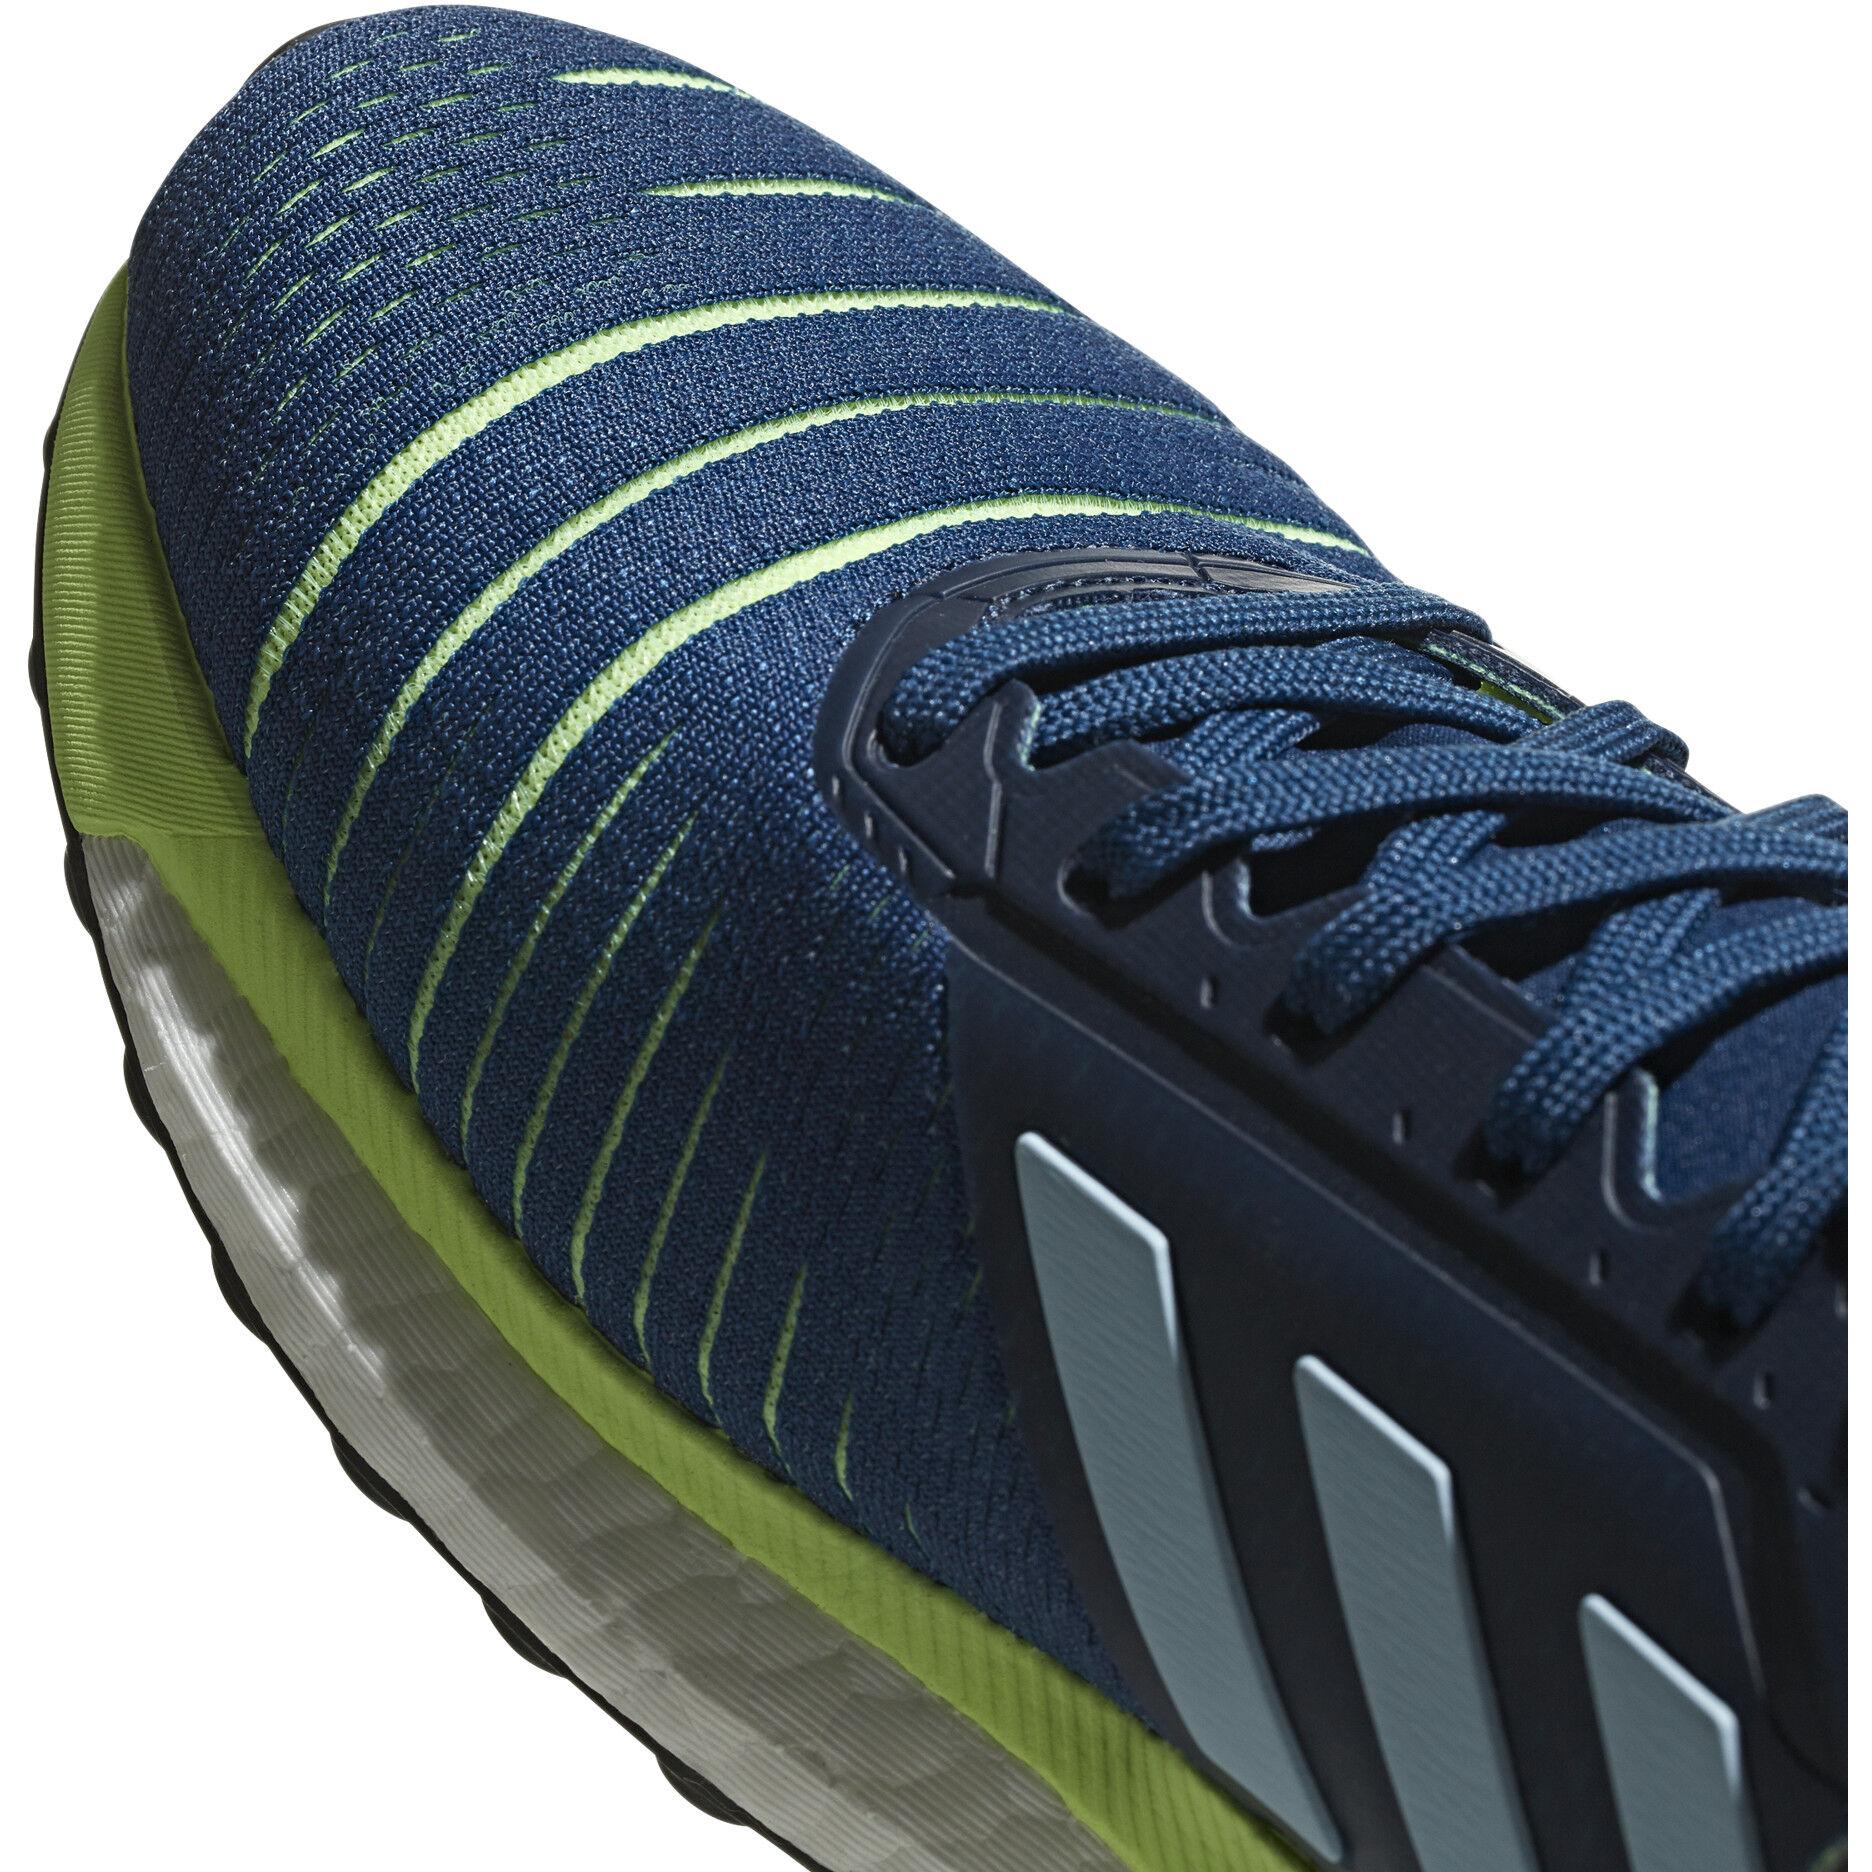 Adidas SOLAR GLIDE Laufschuhe Herren legend marine im Online